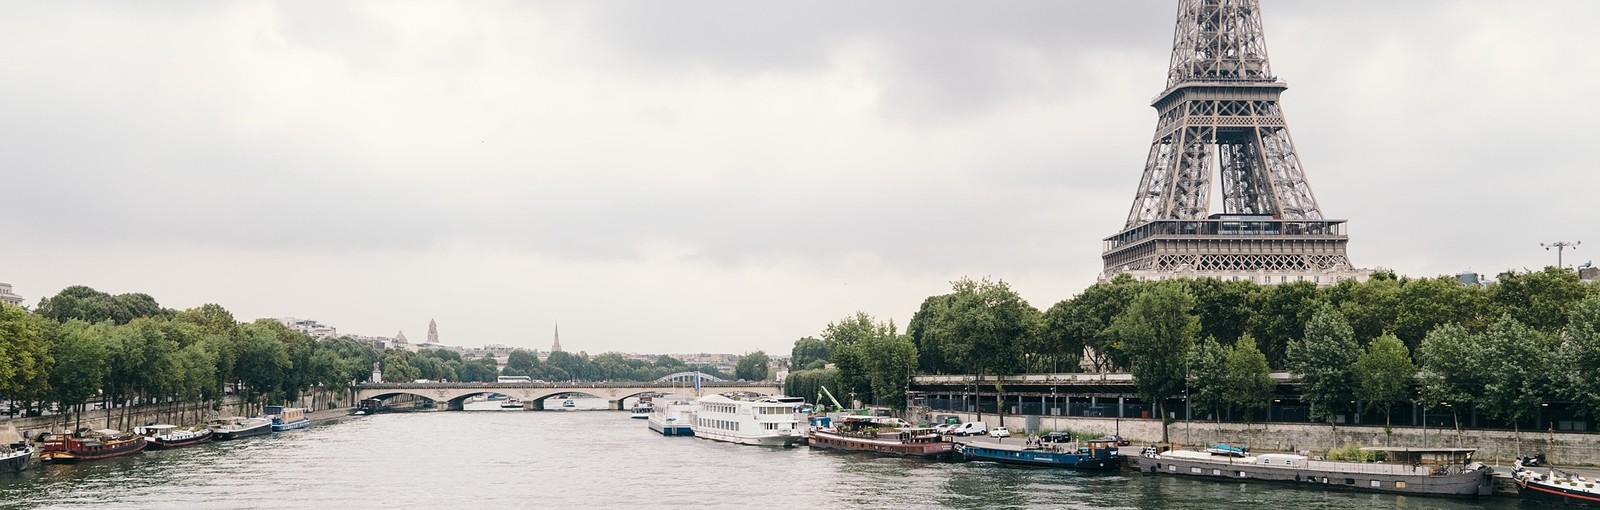 Tours Paquete Paris con 3 noches de hotel - Paquetes Paris - Visitas de Paris